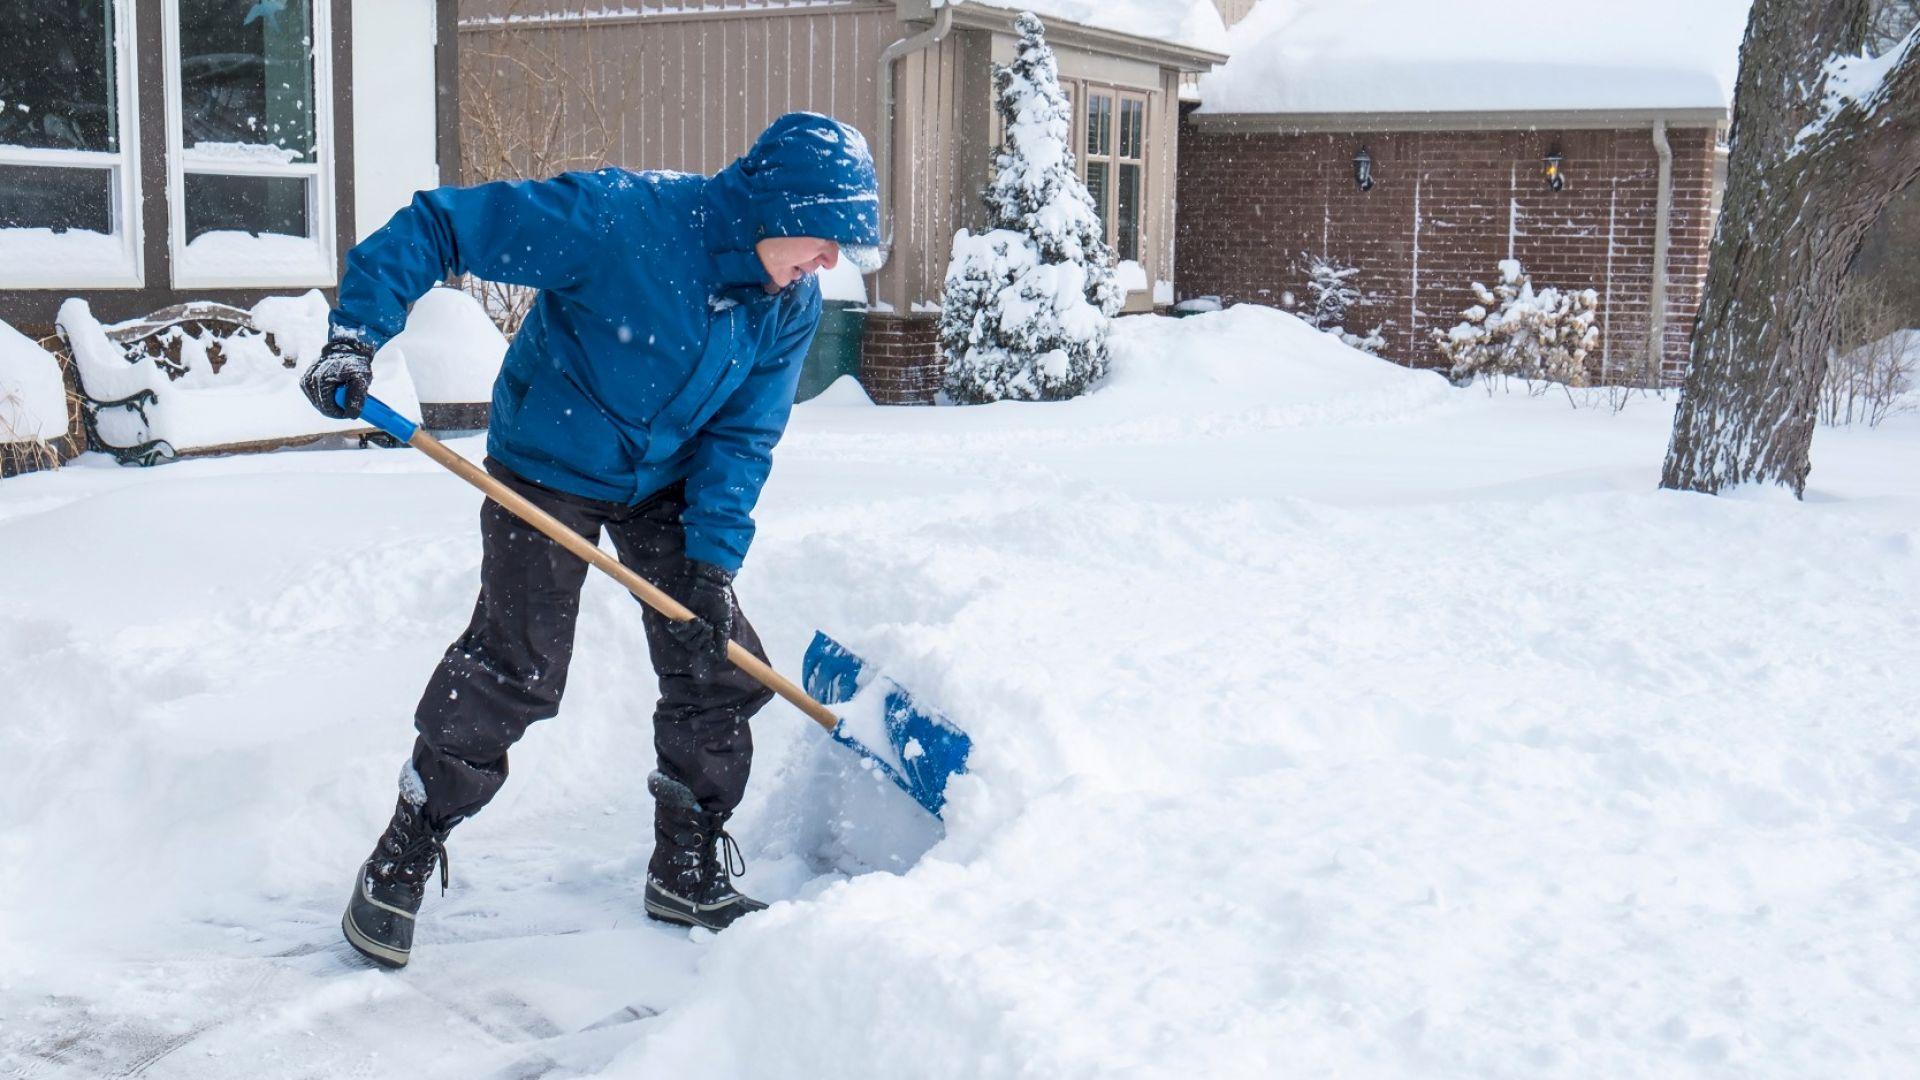 Чистенето на сняг увеличава риска от инфаркти